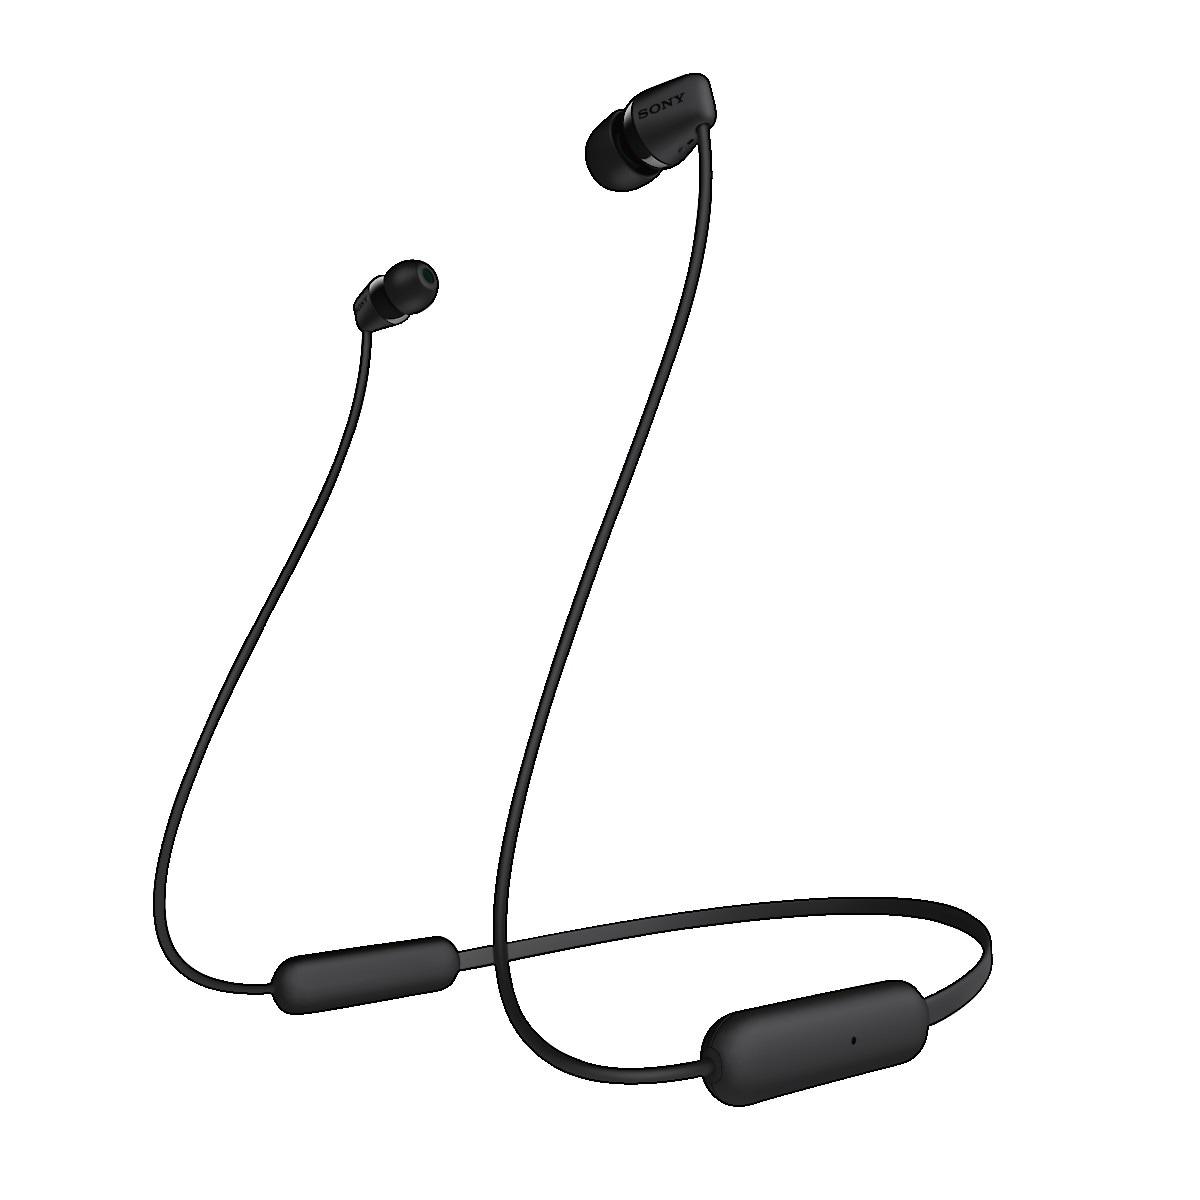 Trådlösa hörlurar med mikrofon, Sony WI-C200